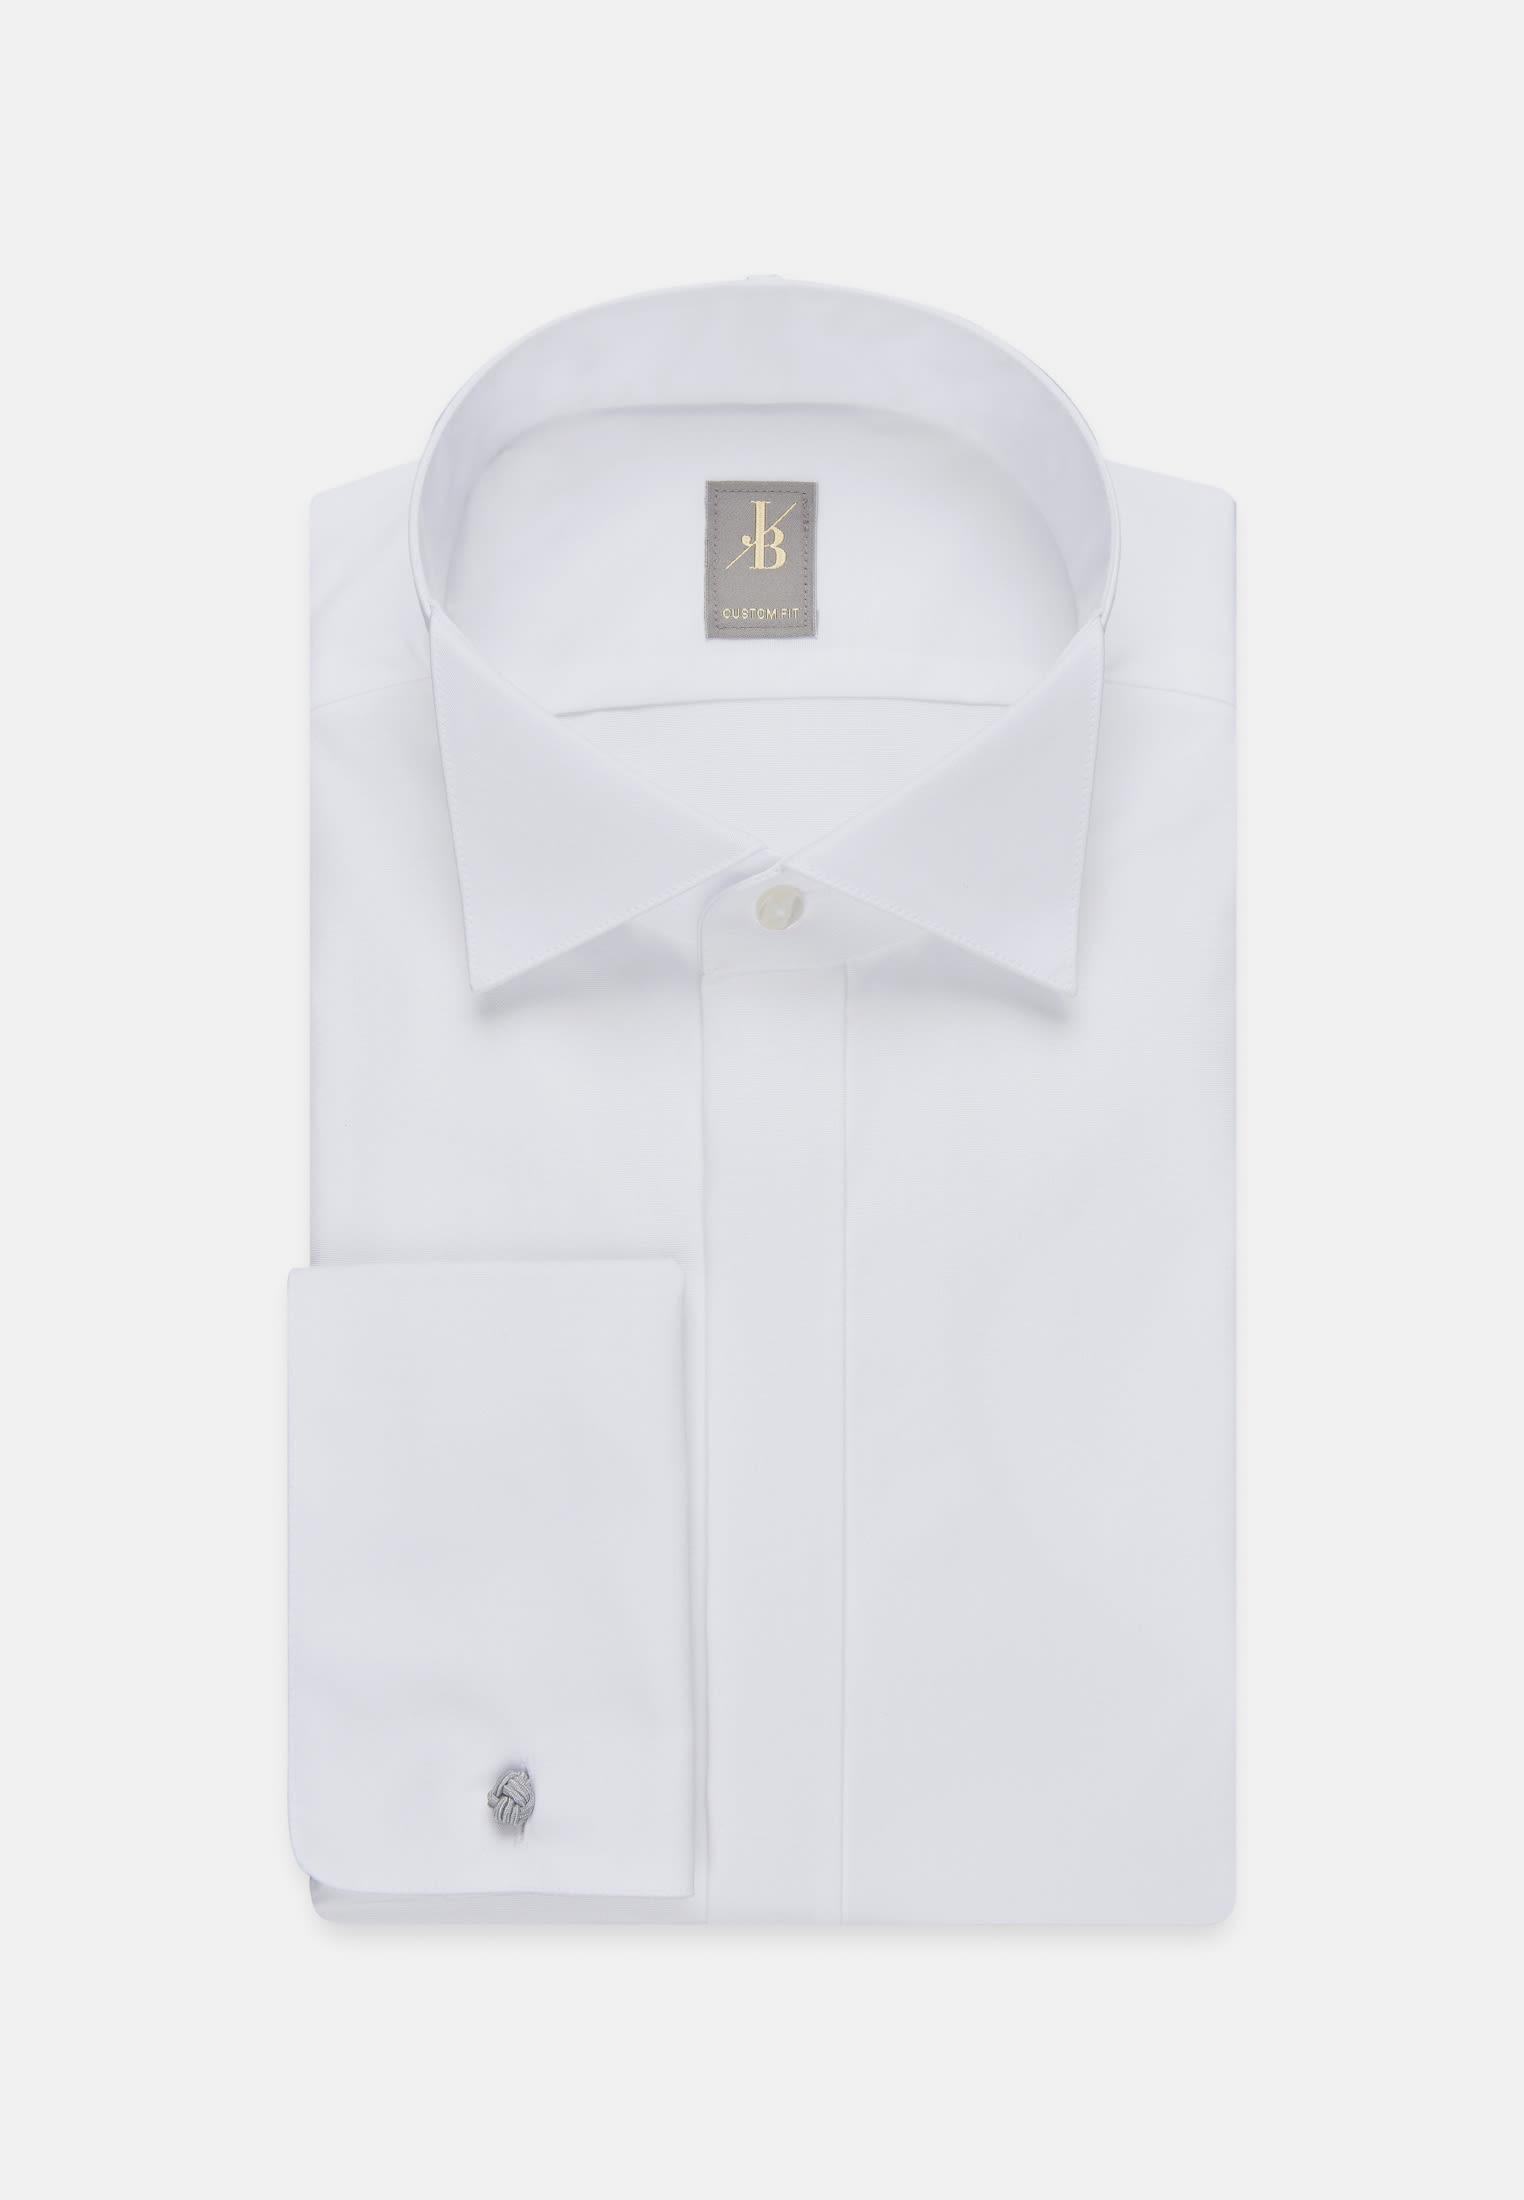 Popeline Smokinghemd in Custom Fit mit Kläppchenkragen in Weiß |  Jacques Britt Onlineshop